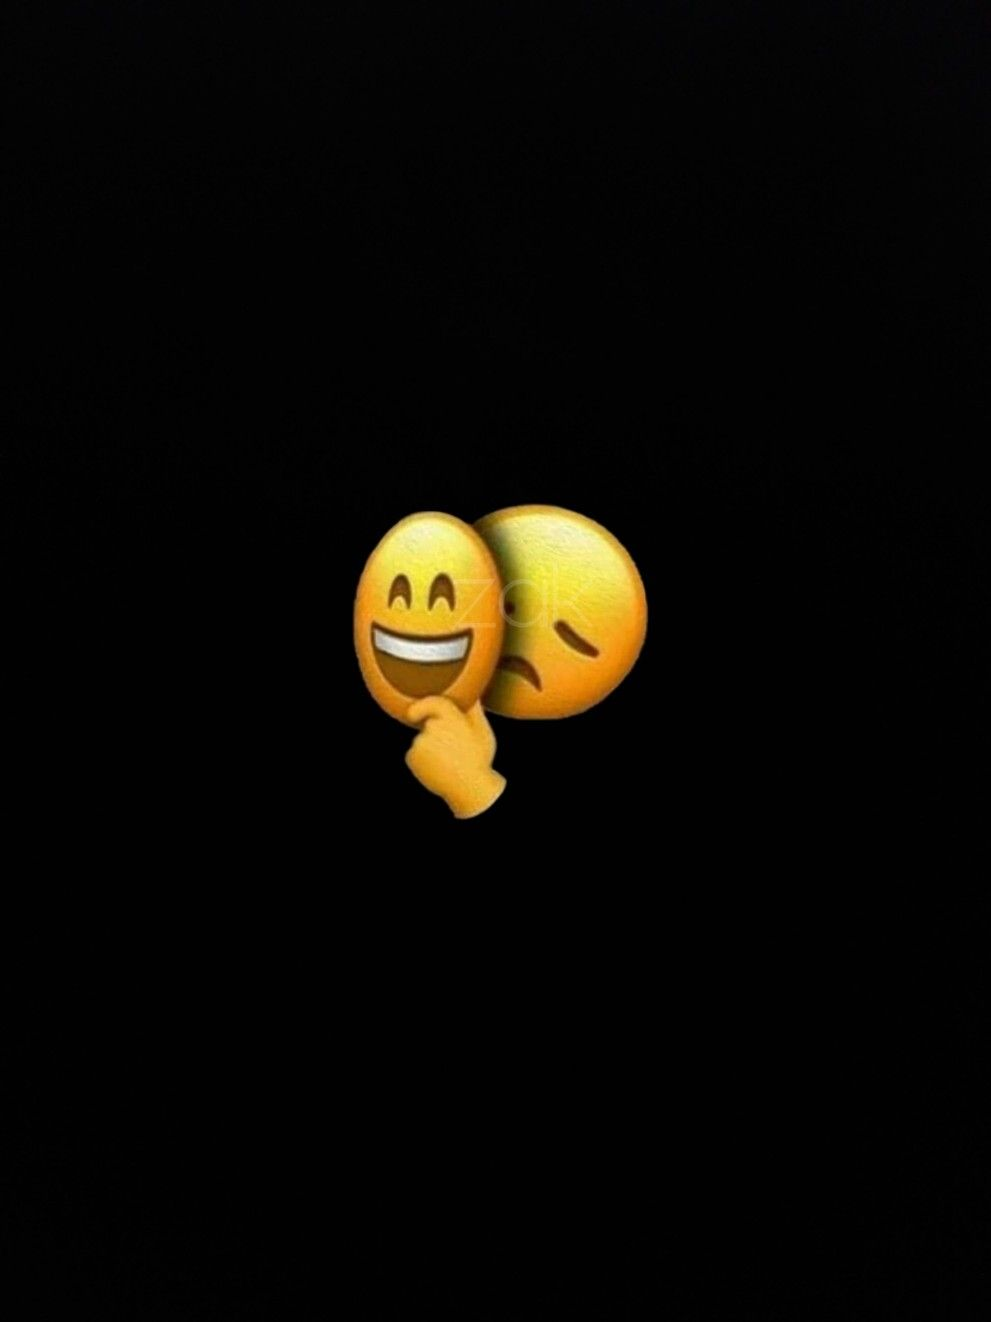 Zara Afreen Khan Emoji Wallpaper Iphone Emoji Wallpaper Cute Emoji Wallpaper